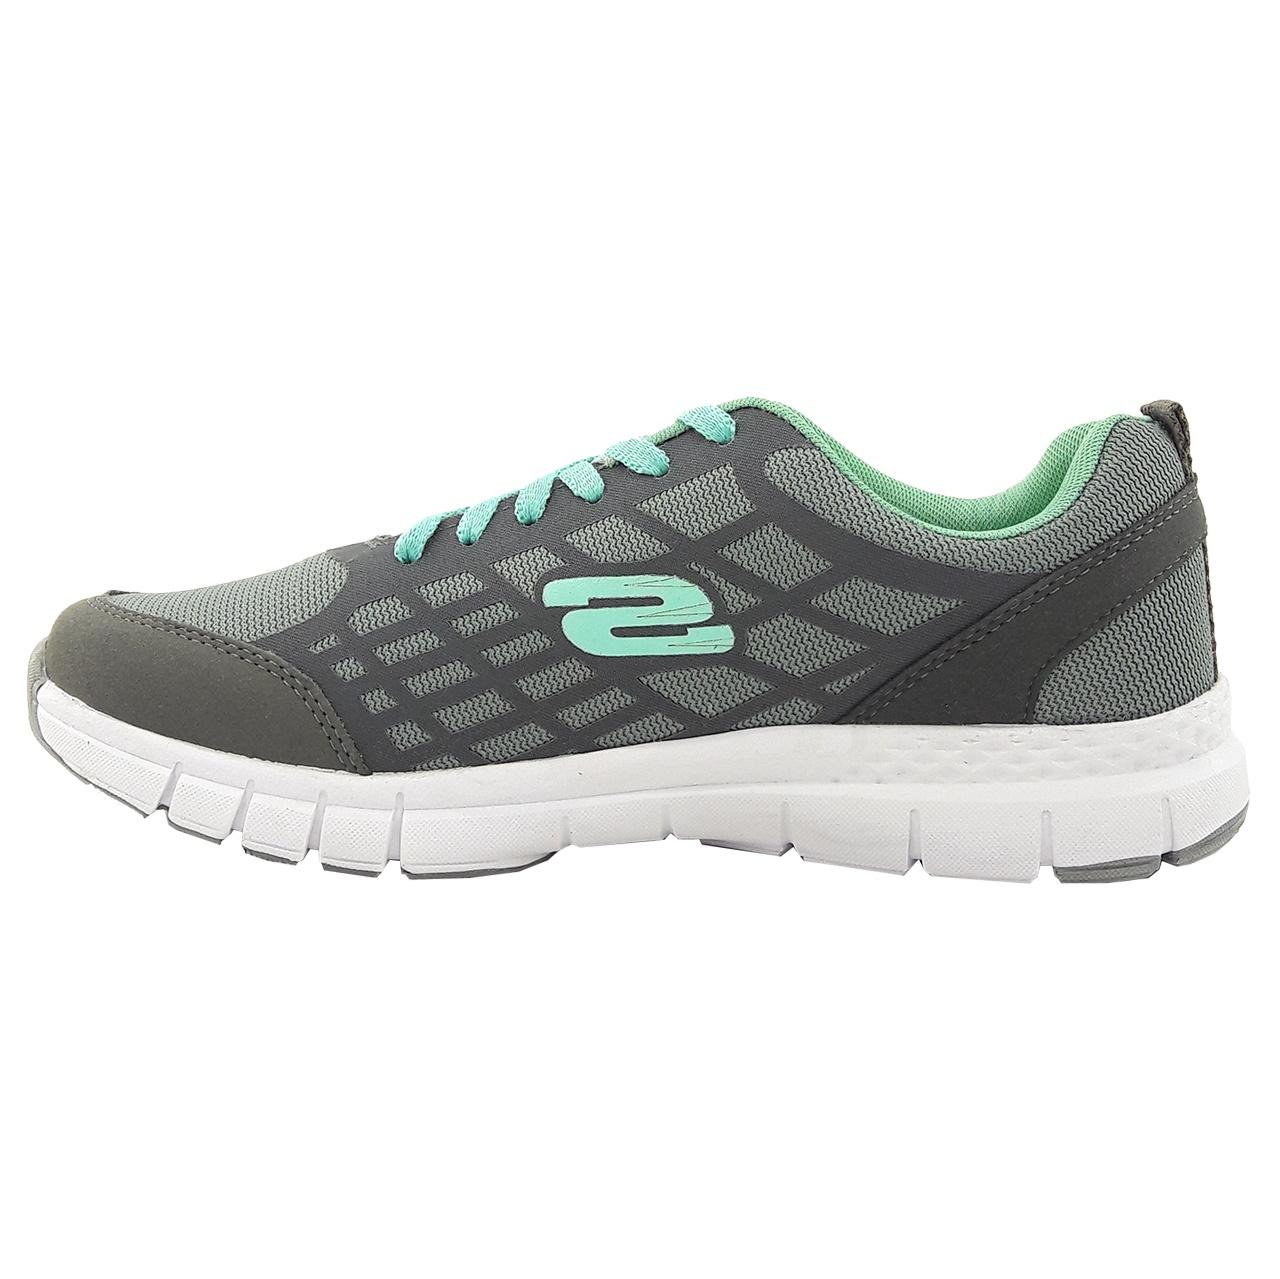 کفش راحتی زنانه بن بن مدل S gry-grn01